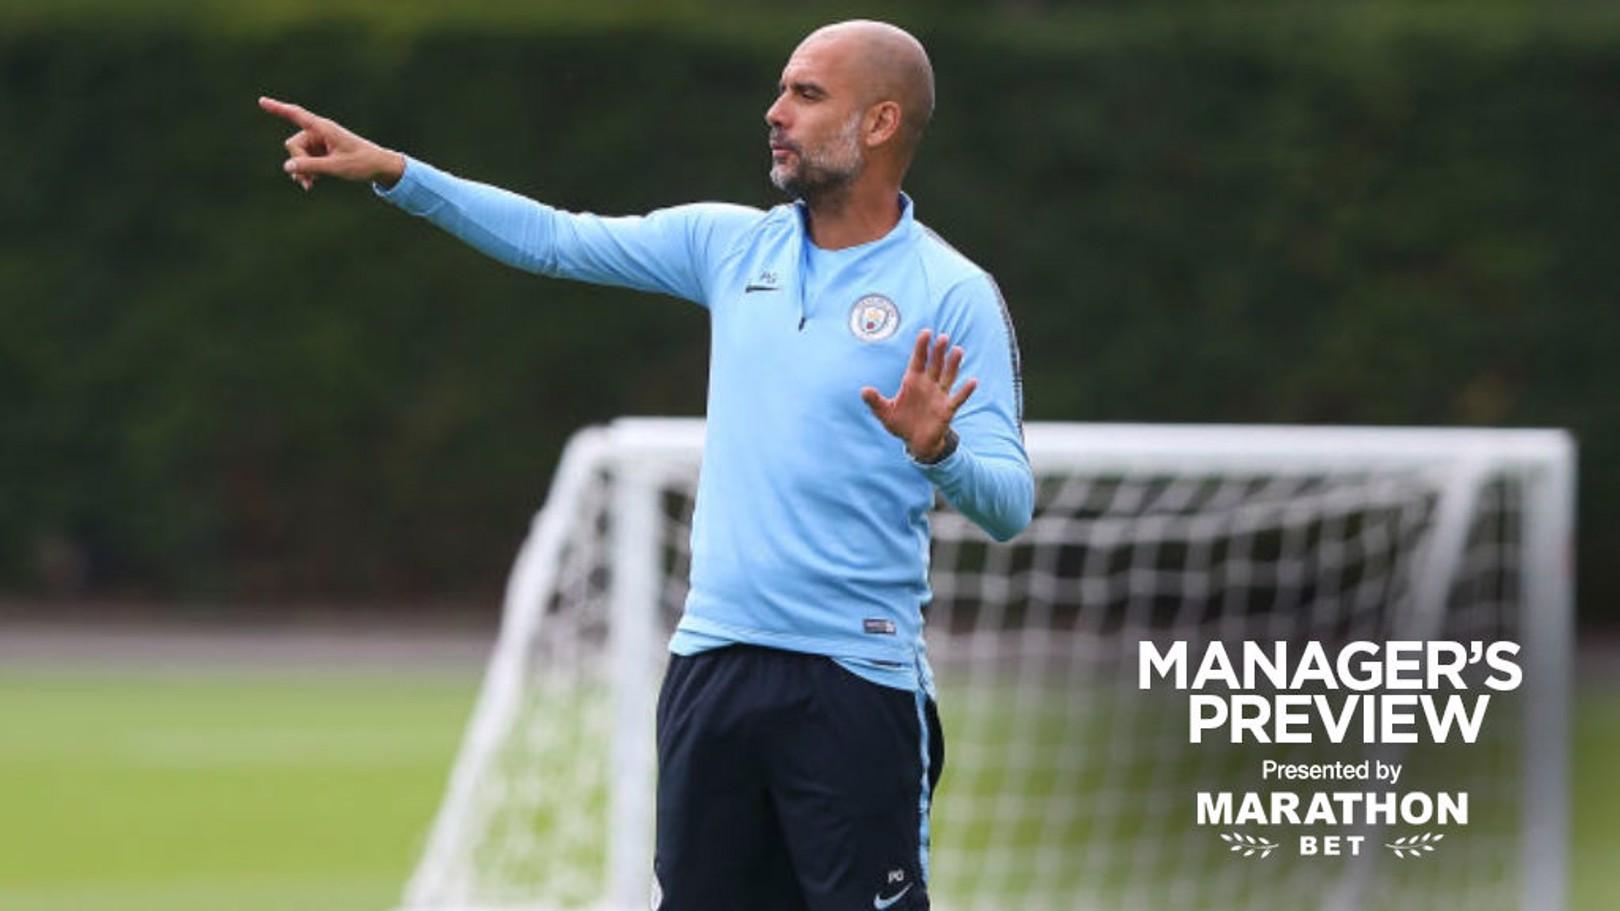 일요일 첼시와의 커뮤니티 쉴드 경기를 준비하는 과르디올라 감독